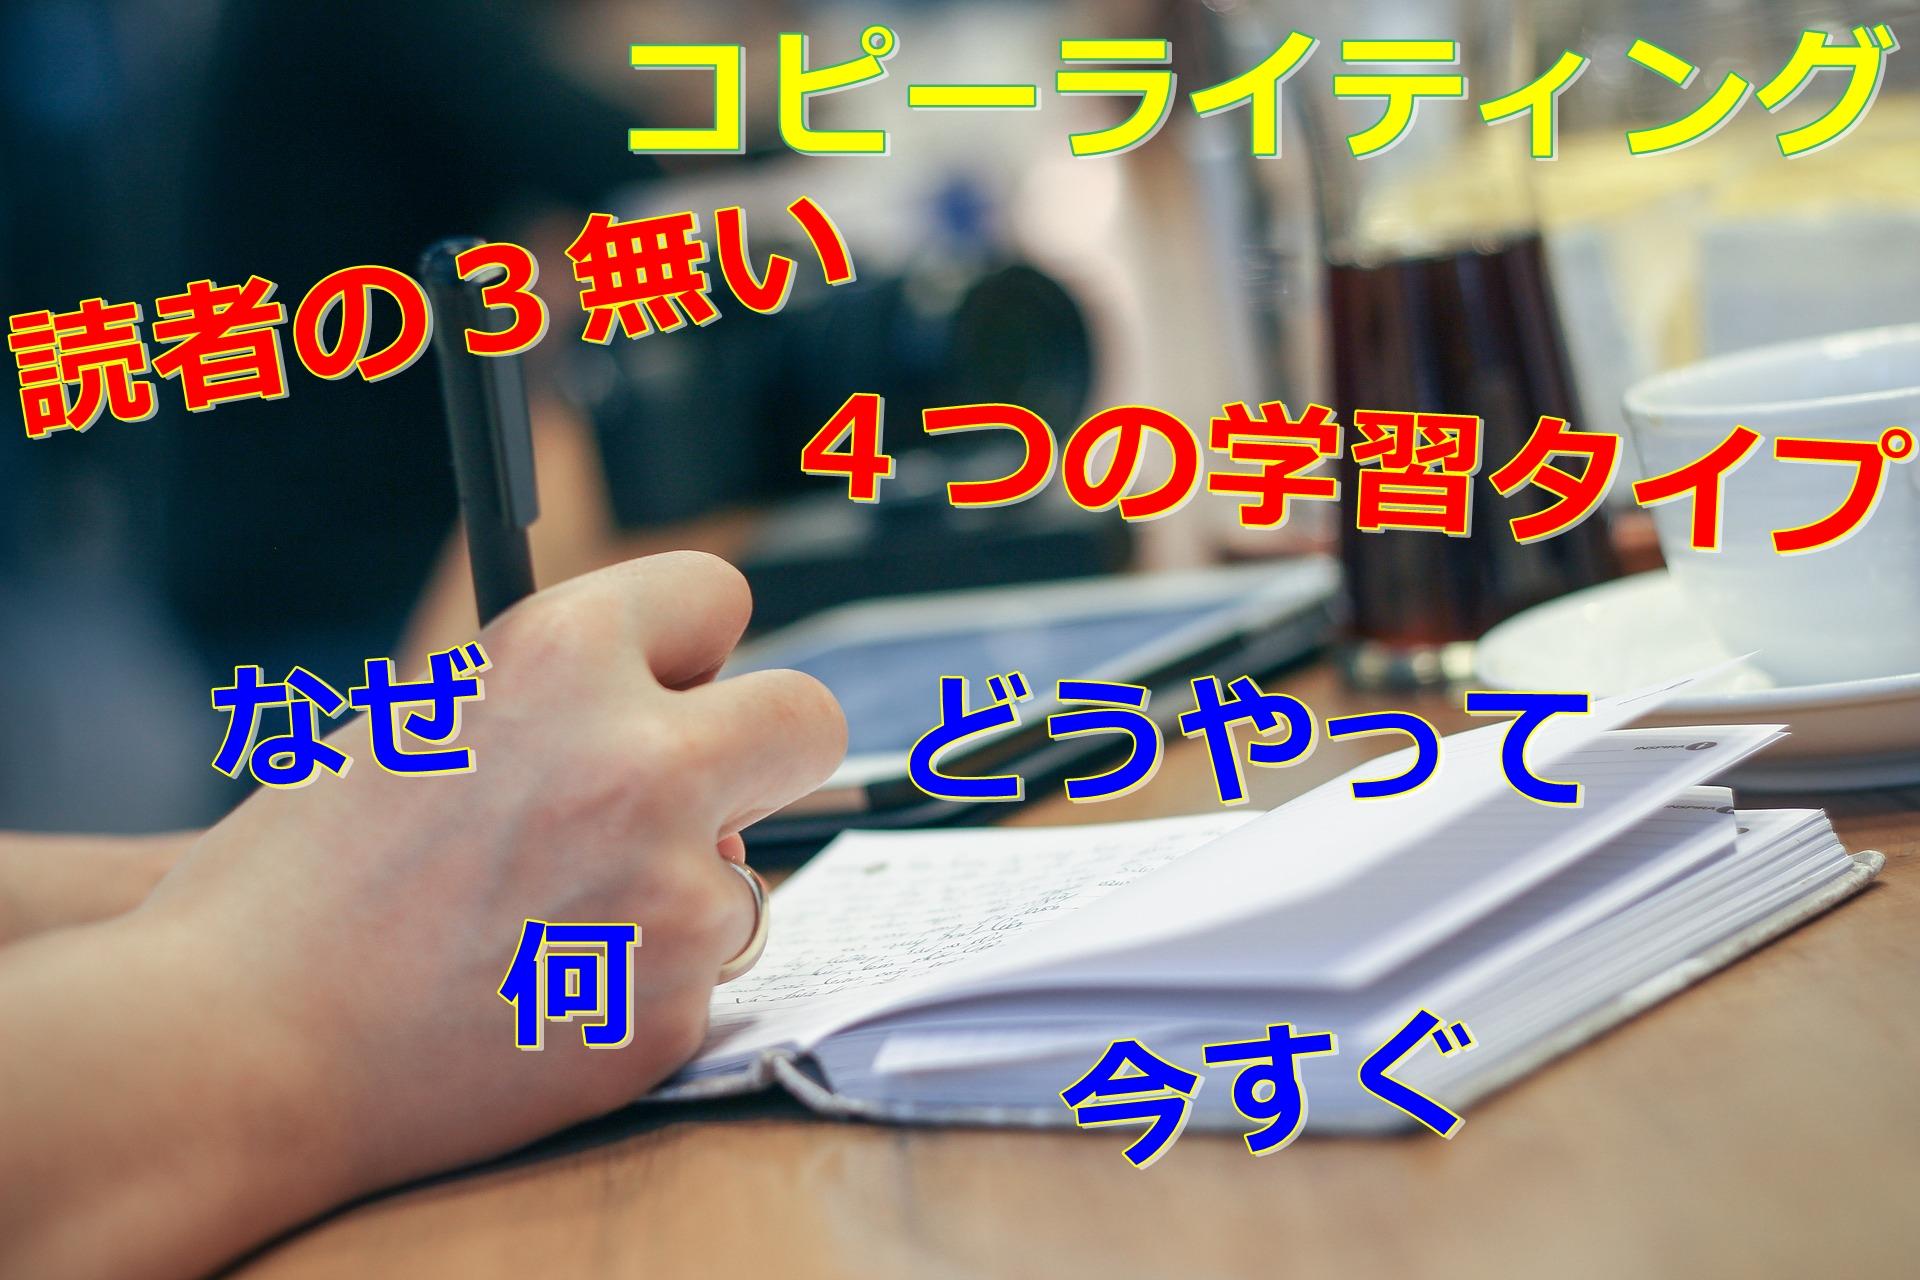 現役のプロコピーライターが教える、コピーライティング4つの基礎